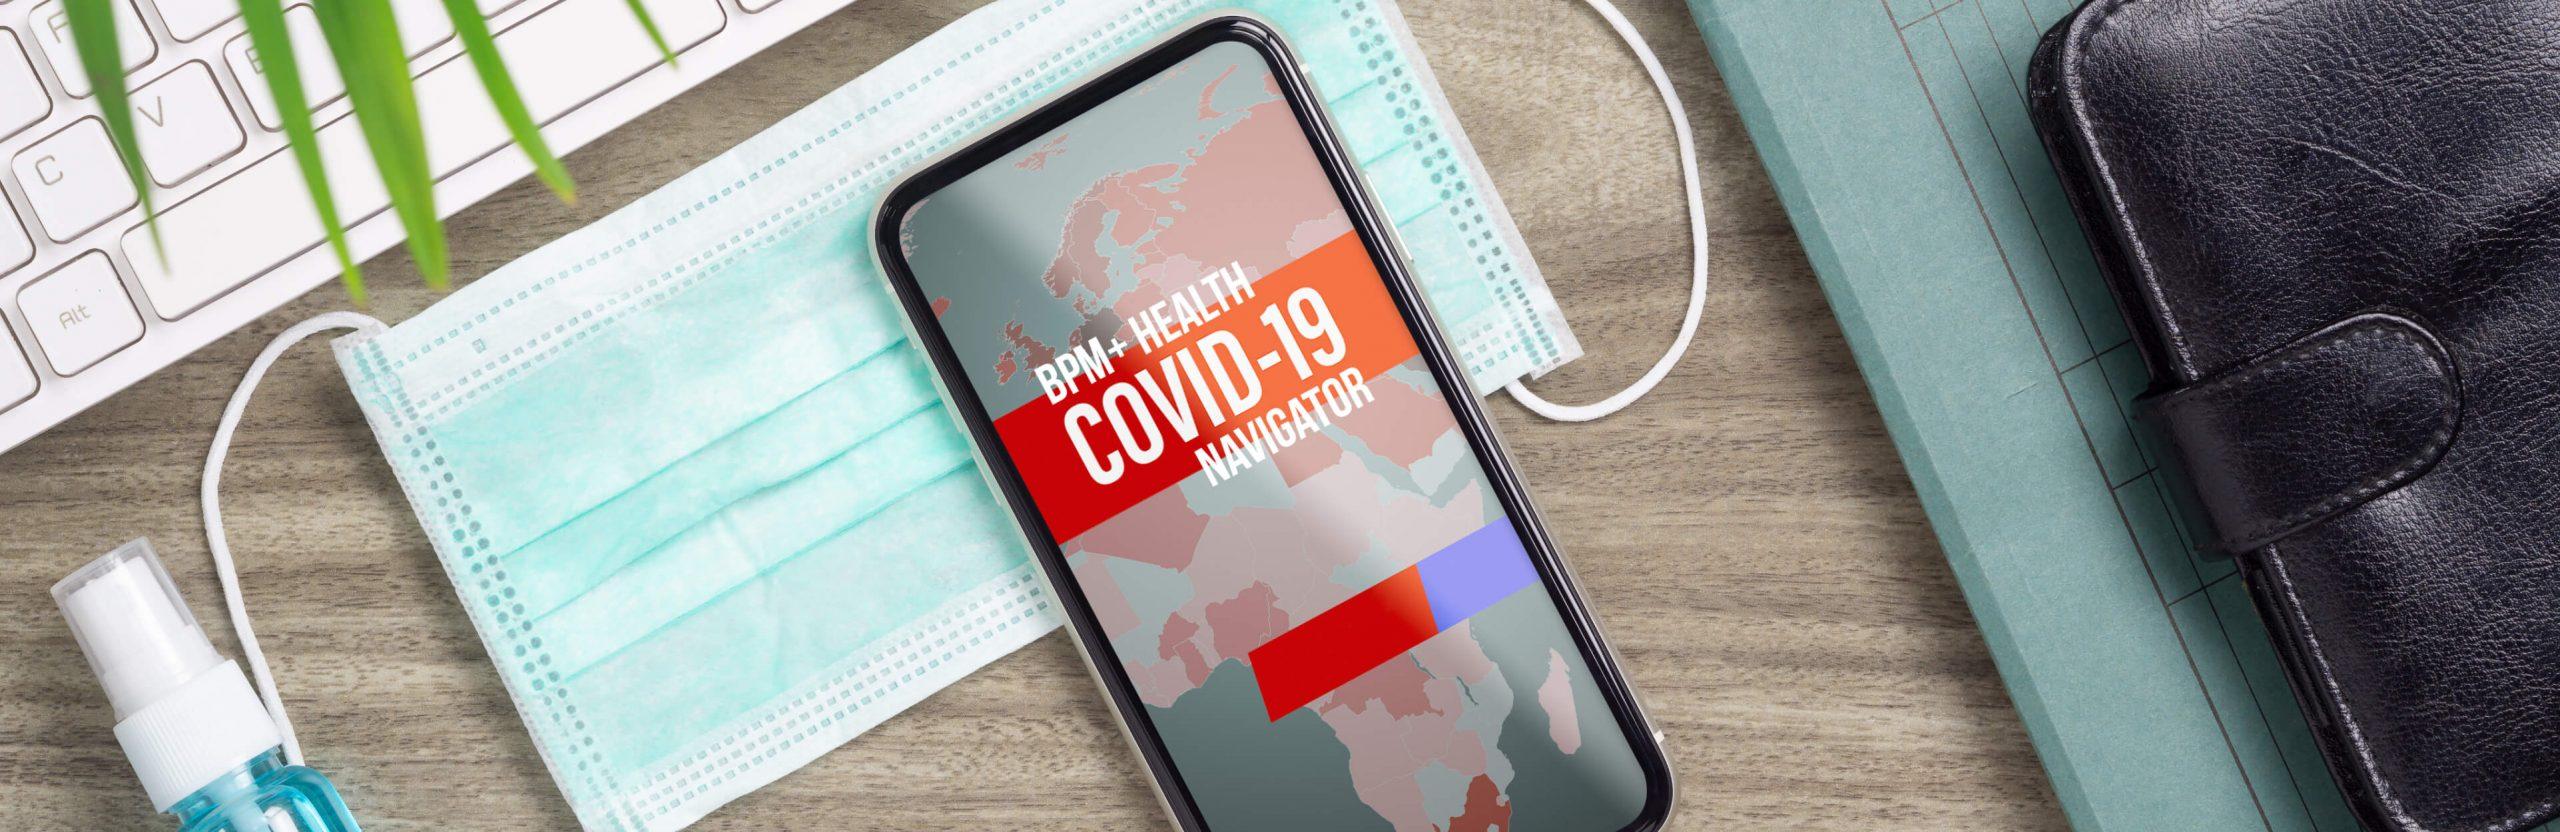 BPM+ Health <span>COVID-19</span> Navigator